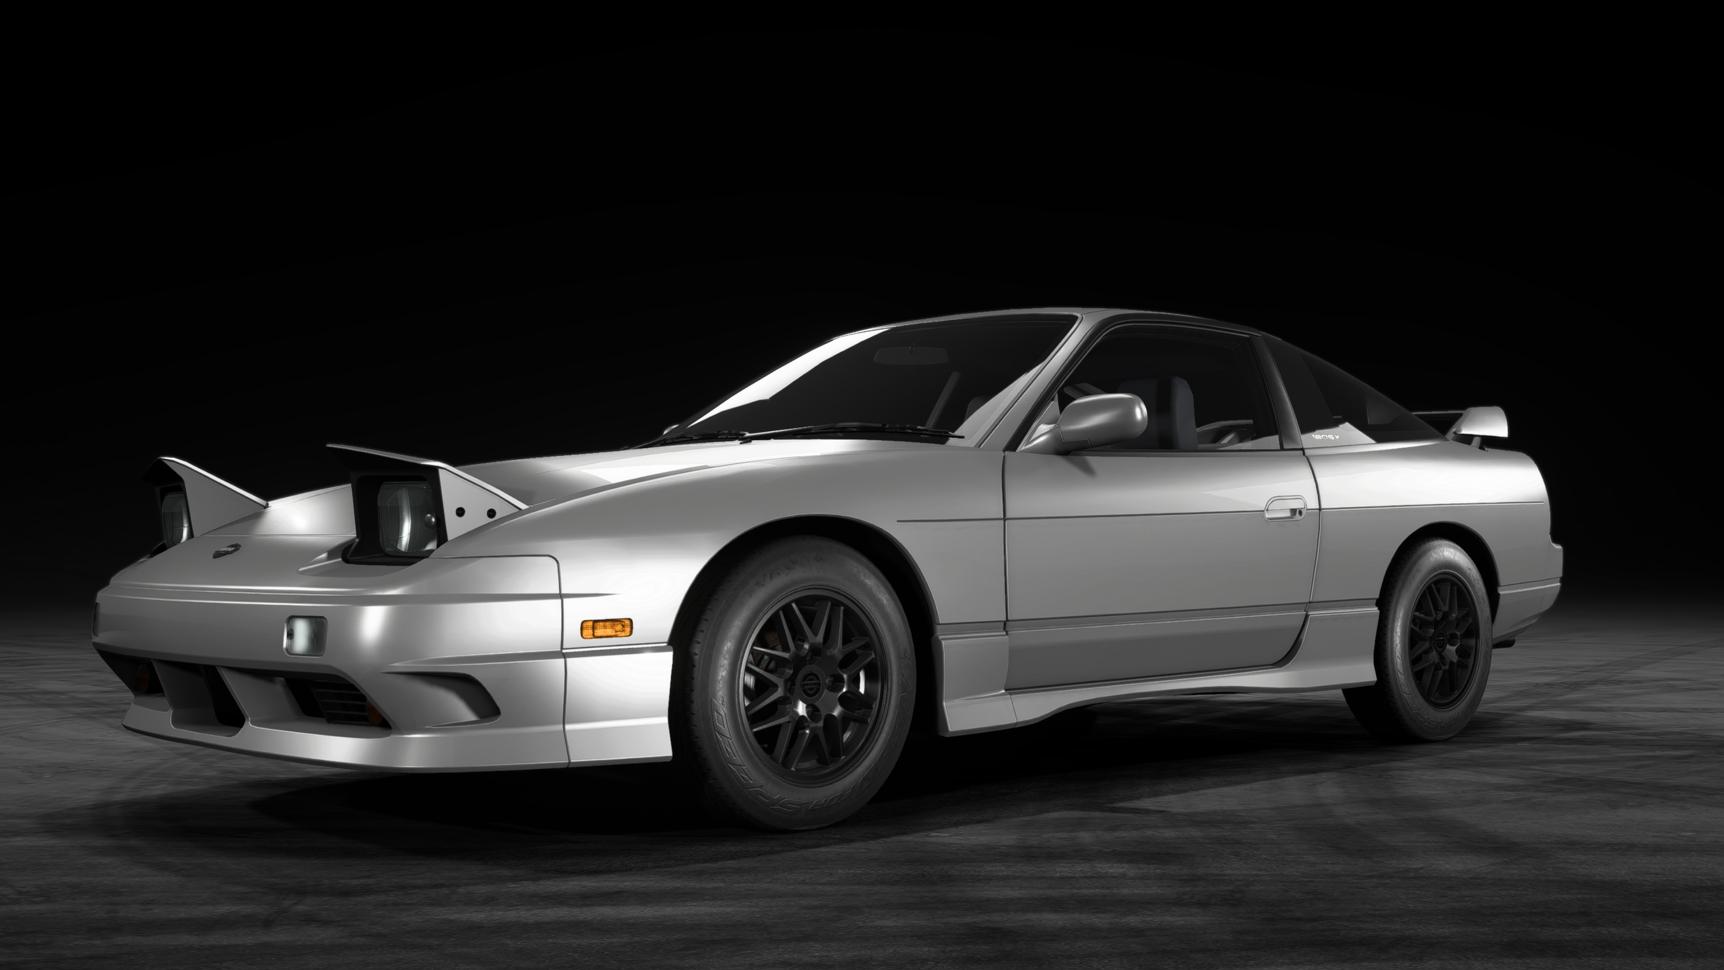 Nissan 180SX (S13)